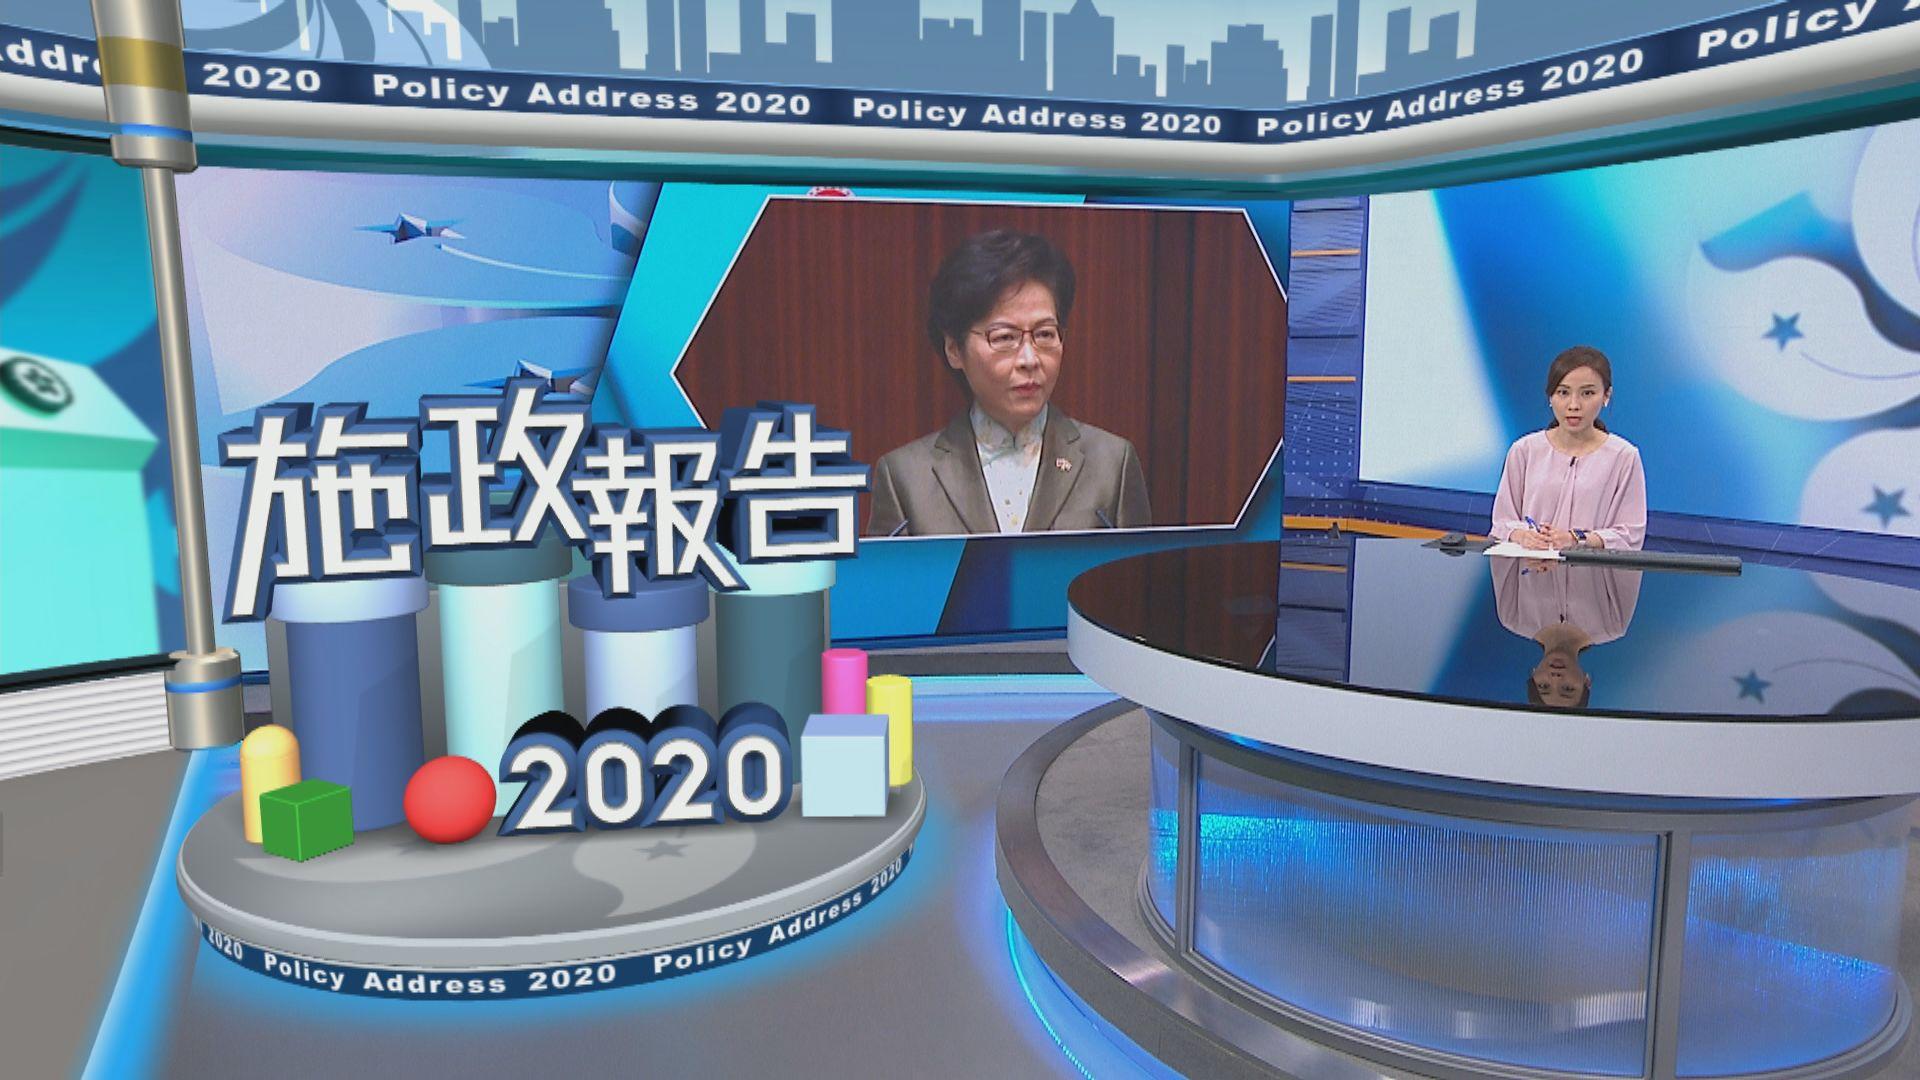 林鄭發表任內第四份施政報告 指希望恢復巿民信心